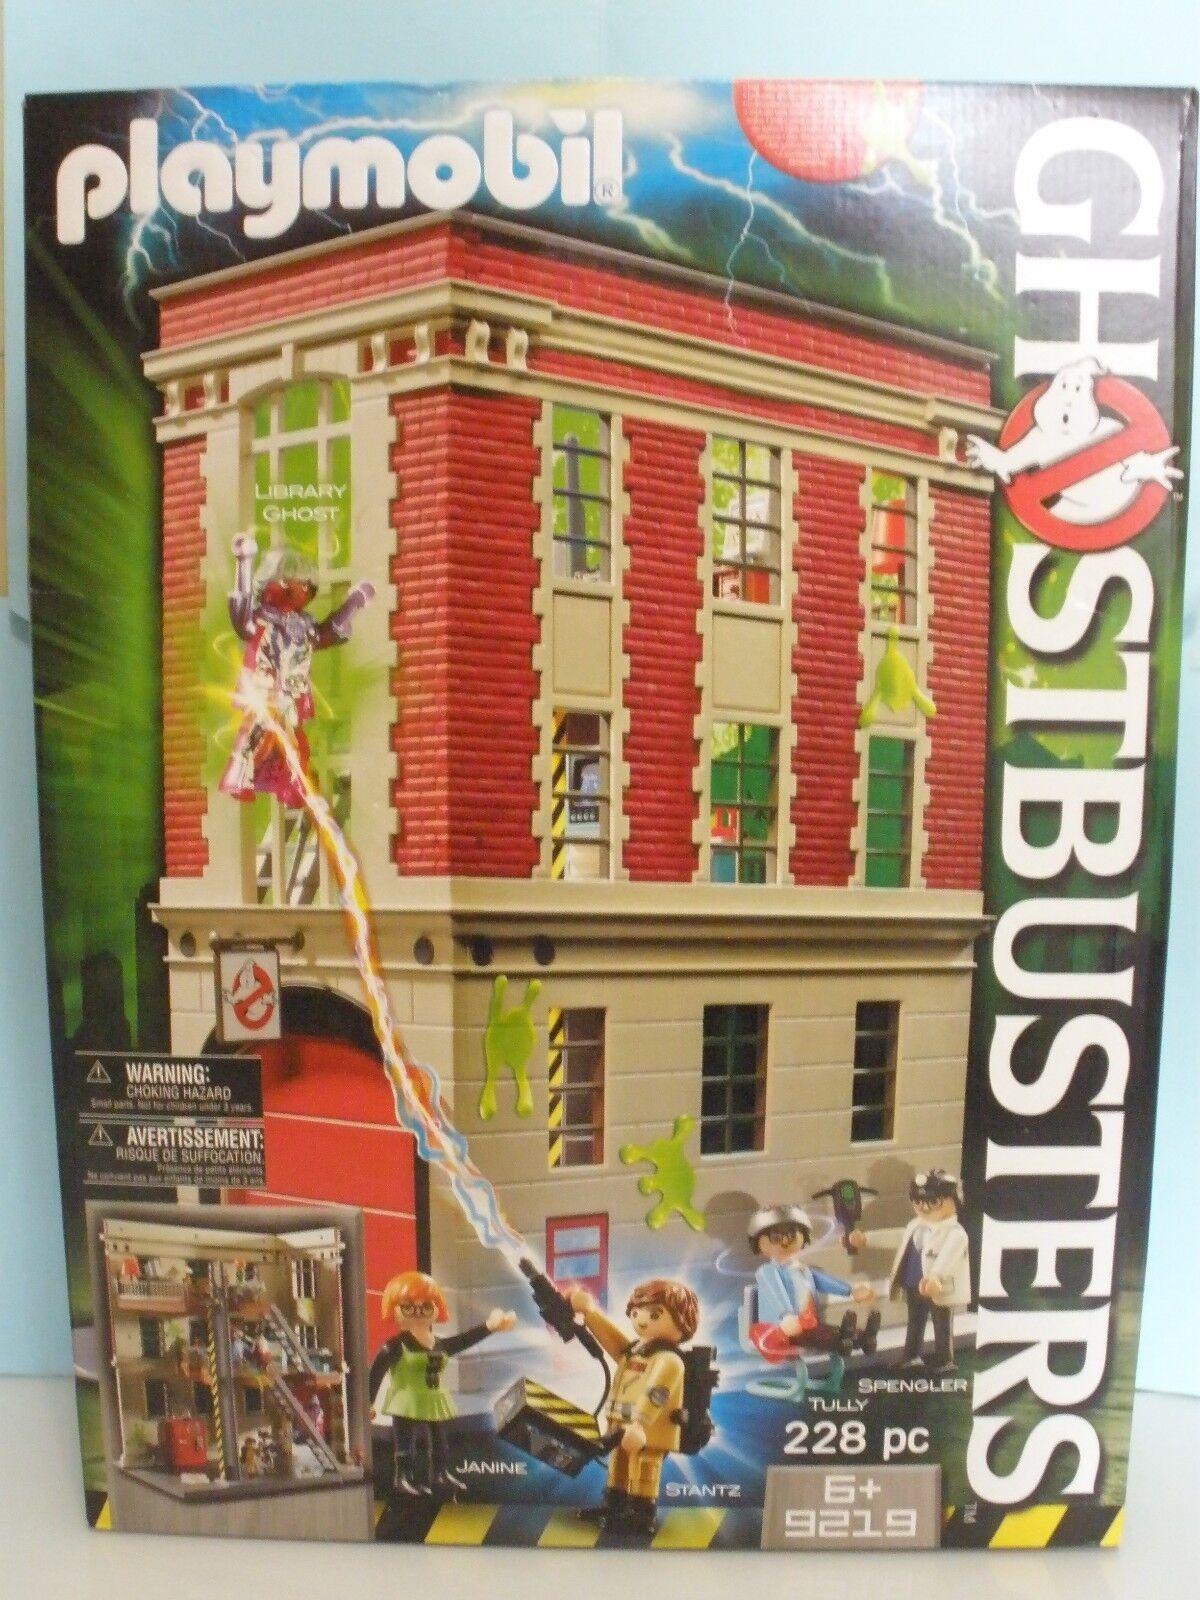 Playmobil Ghostbusters Cuartel general cazafantasmas ref 9219 2